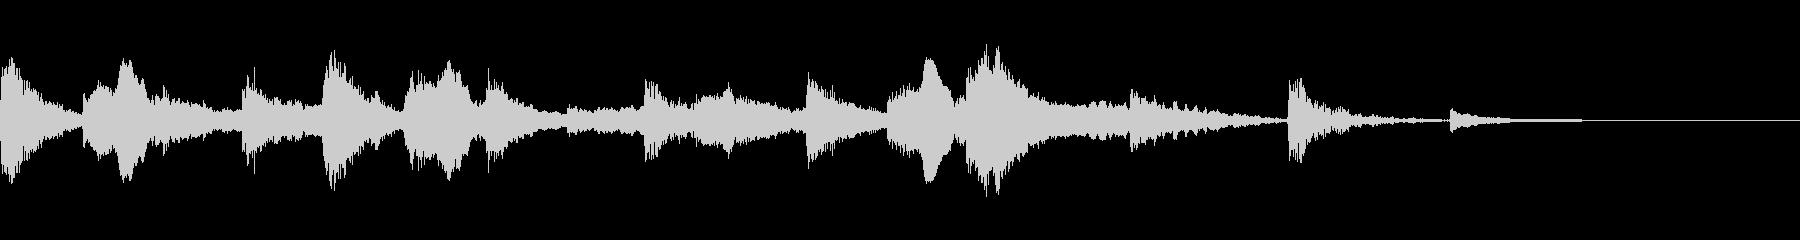 エスニックなアイキャッチの未再生の波形